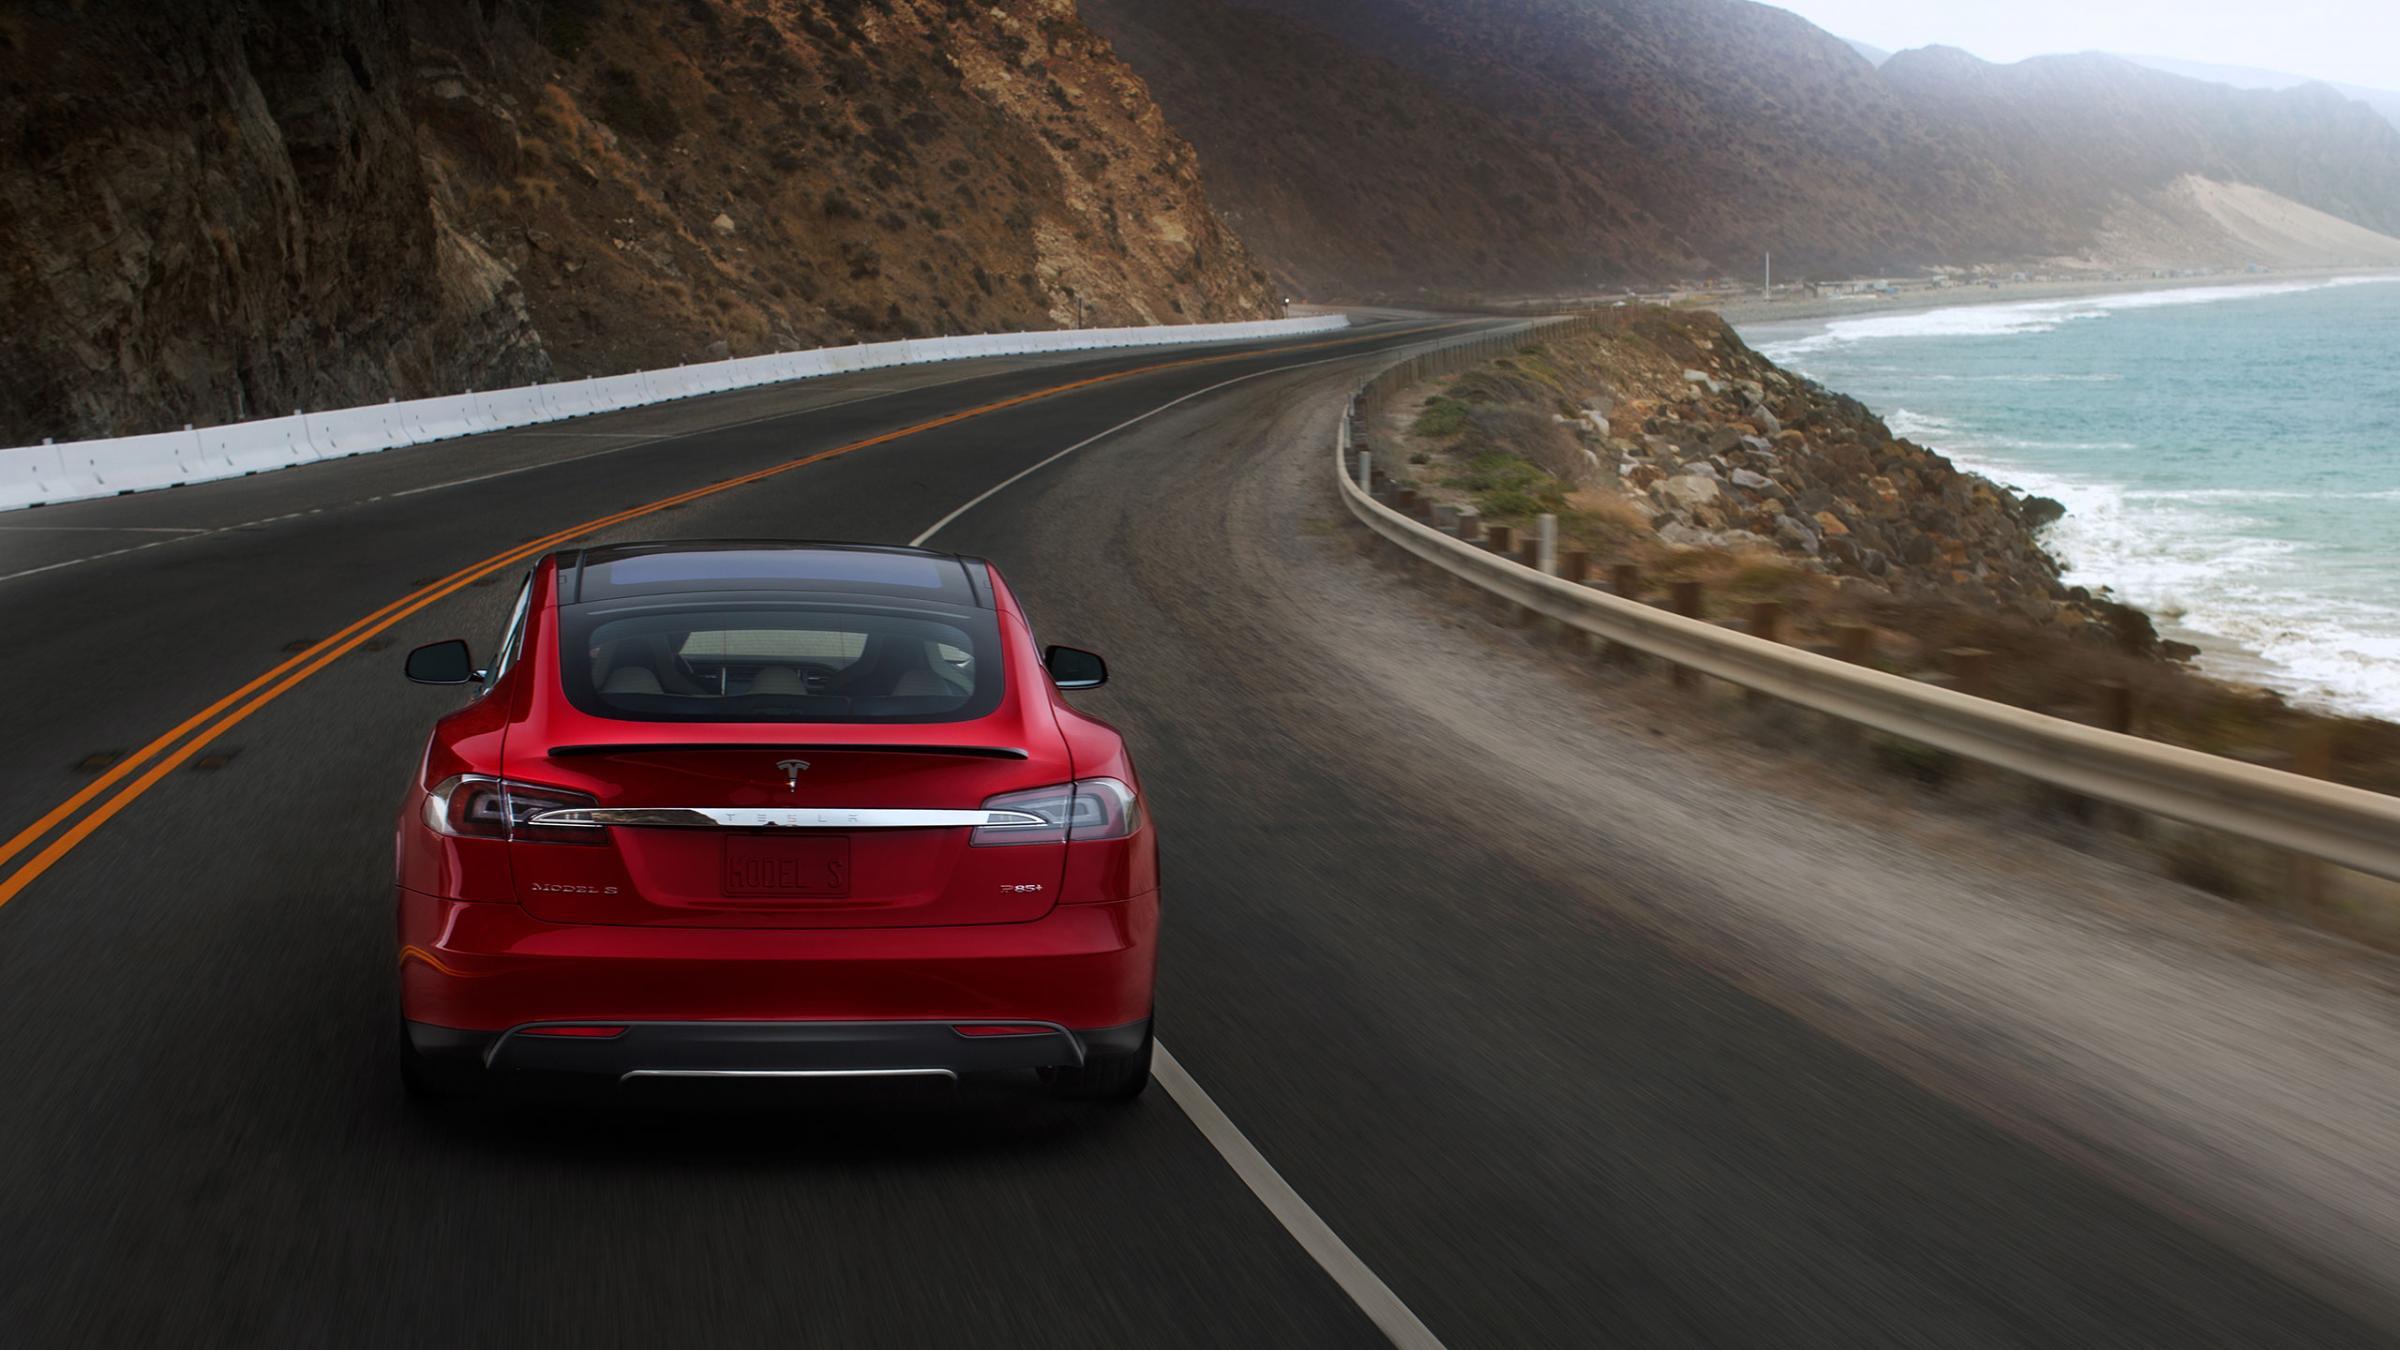 Cu un sprint de la 0 la 100 km/h ce dureaza numai 4,7 secunde, acesta este unul dintre cele mai admirate unghiuri ale lui Tesla Model S